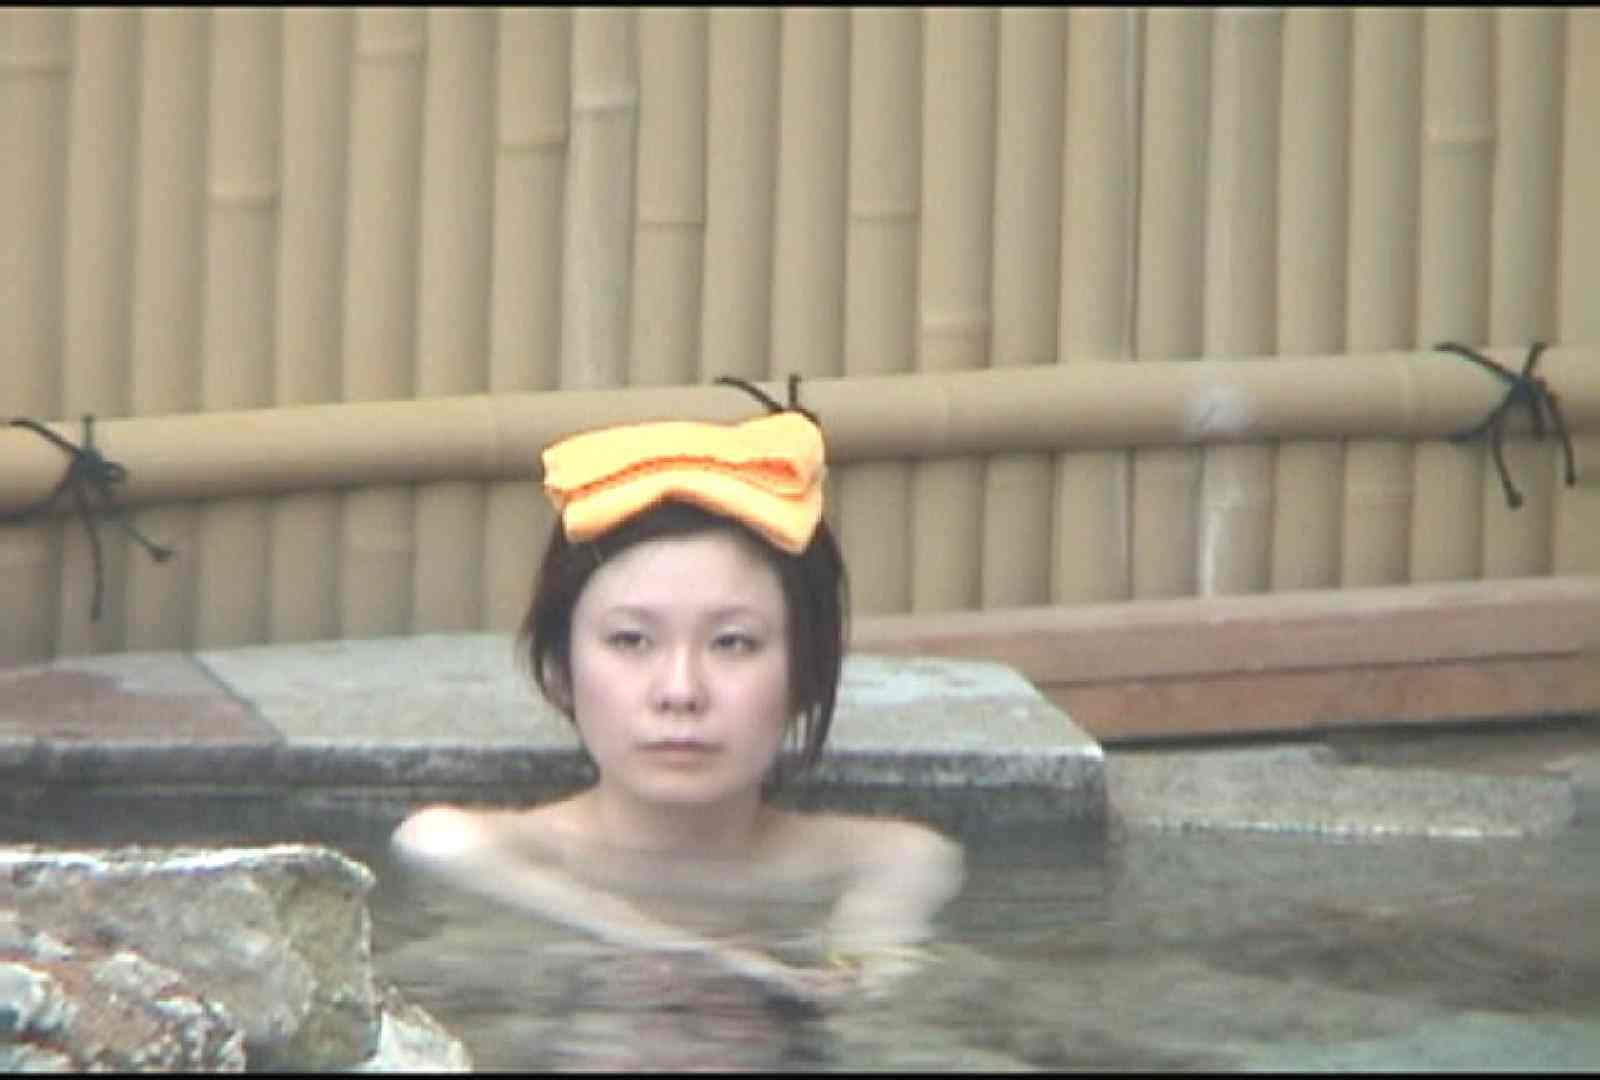 Aquaな露天風呂Vol.177 盗撮師作品 | 美しいOLの裸体  102pic 28